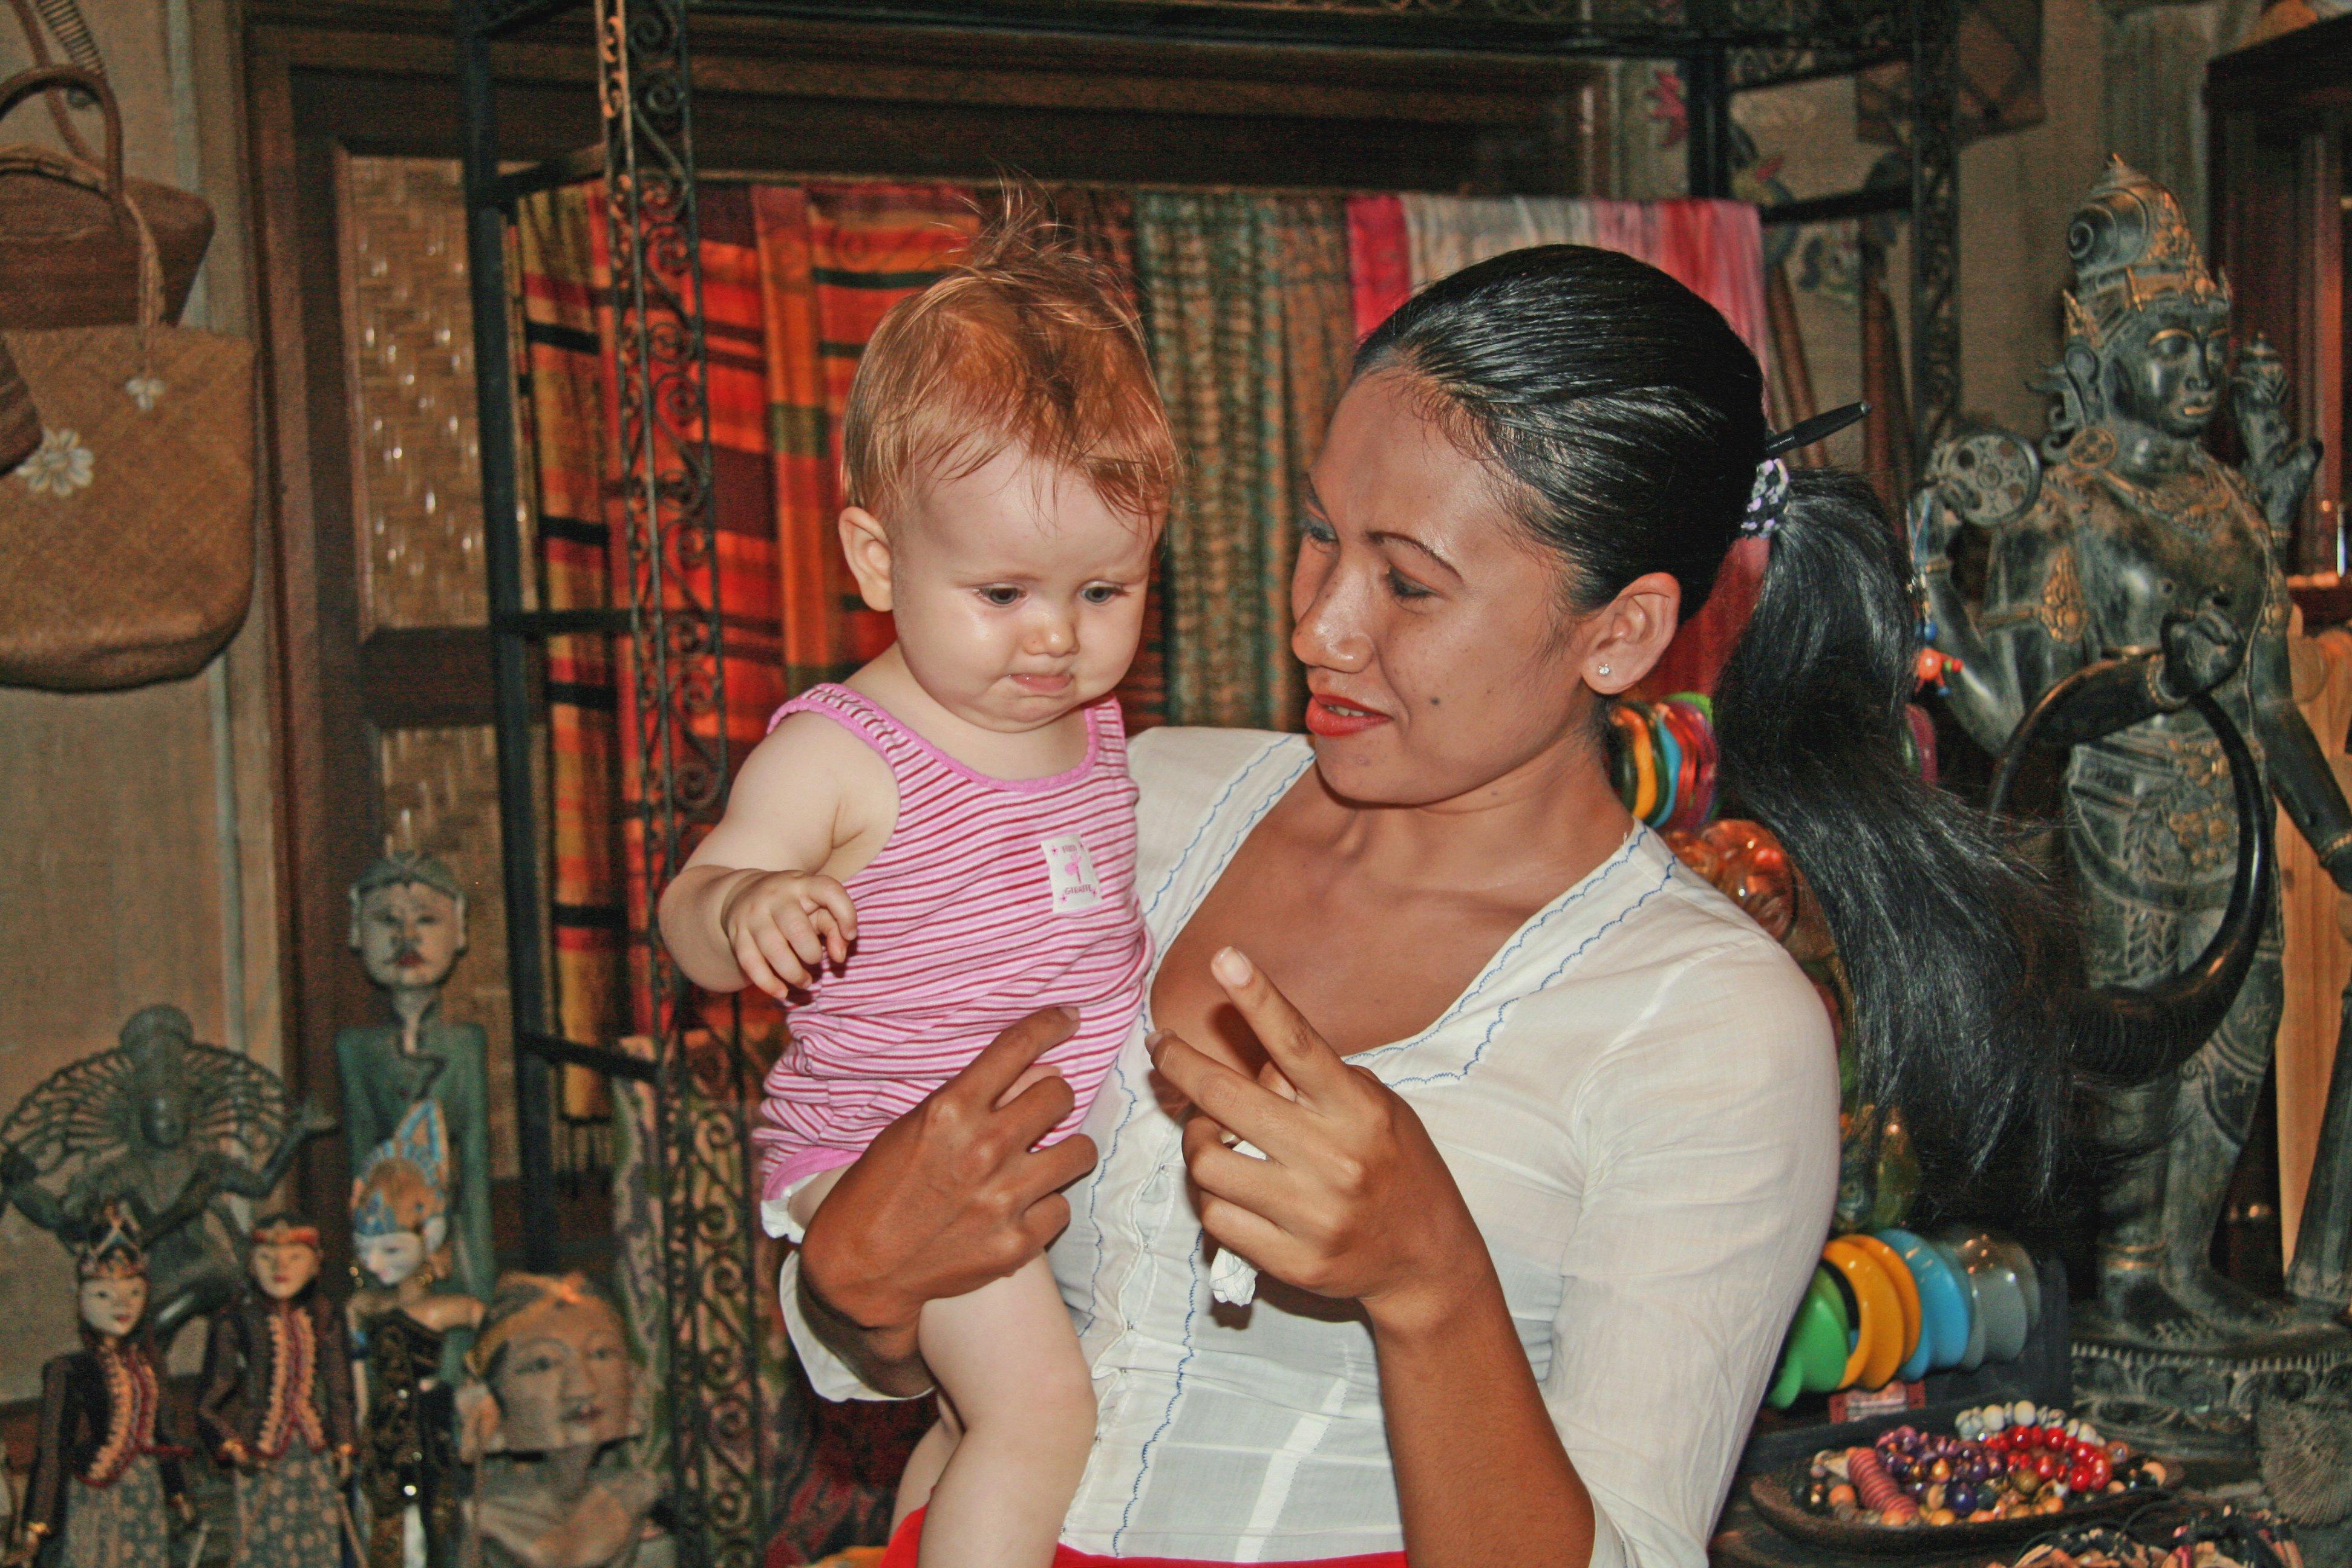 In Asien landen ausländische Babys schnell in fremden Armen © Susanne Frank